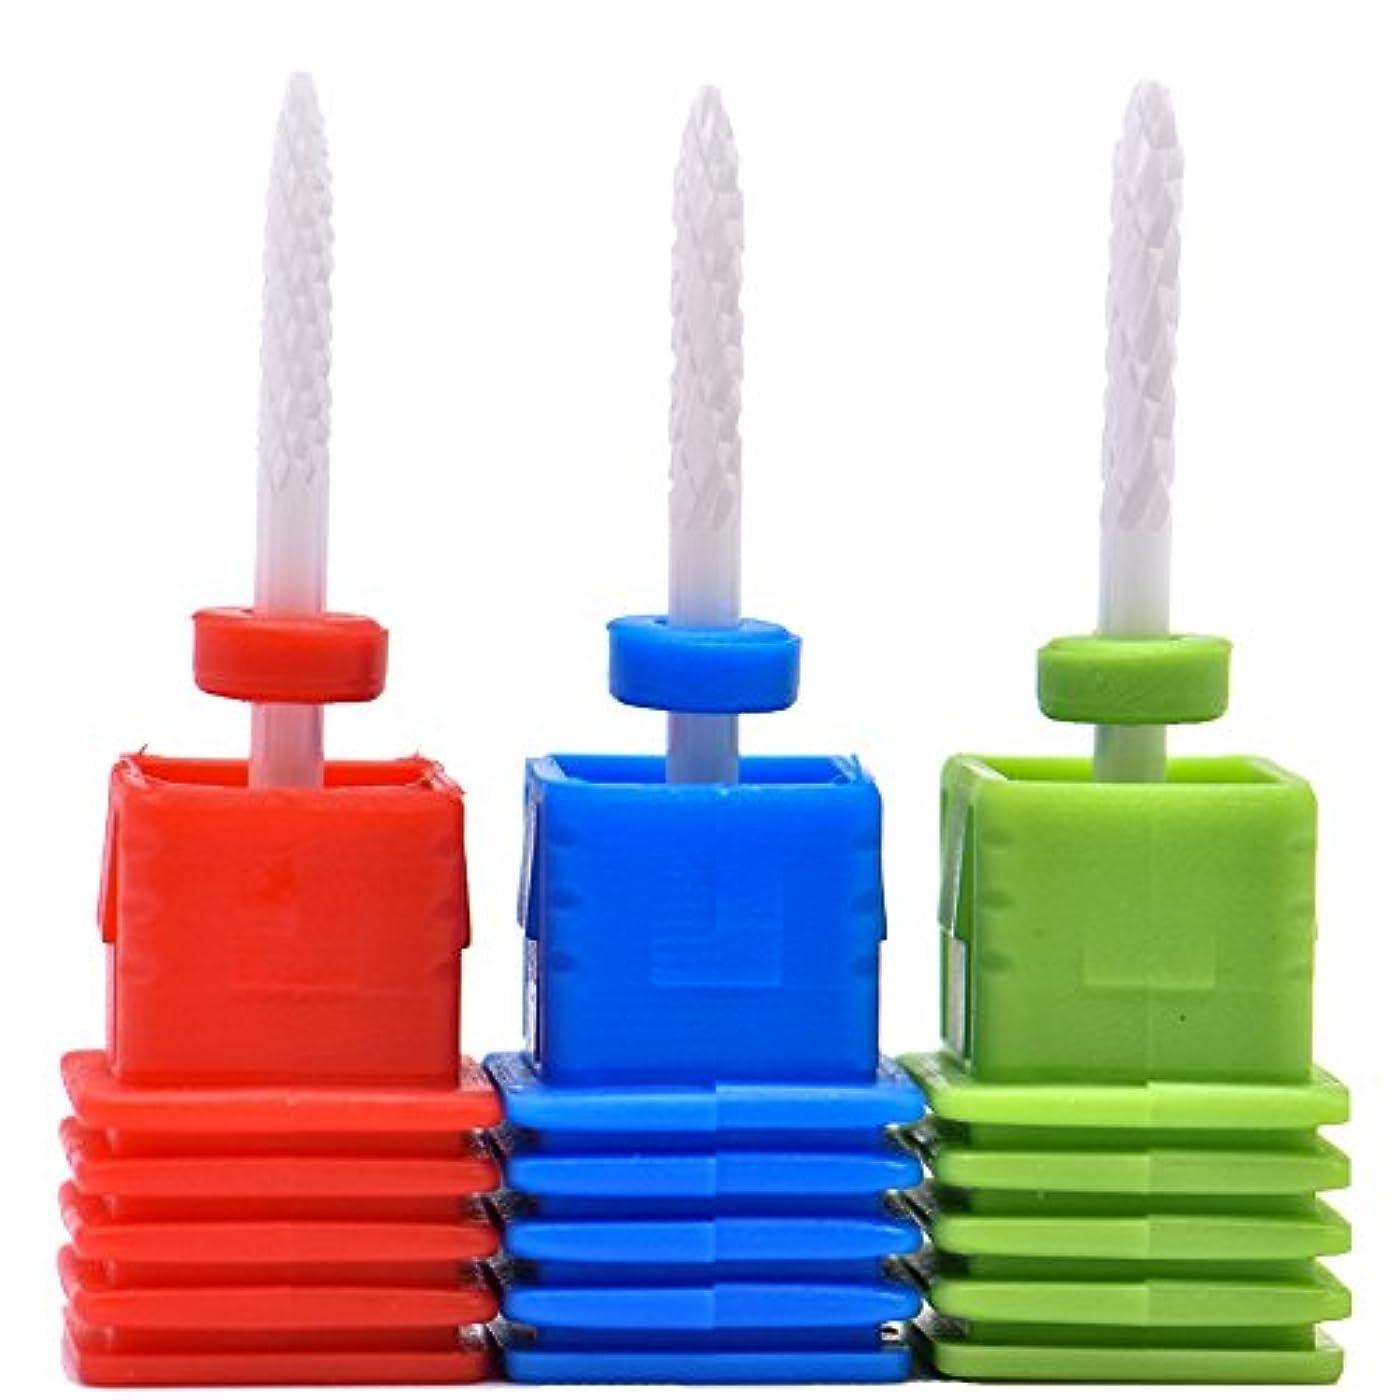 統合するスーダン上がるOral Dentistry ネイルアート ドリルビット 細かい 研削ヘッド 研磨ヘッド ネイル グラインド ヘッド 爪 磨き 研磨 研削 セラミック 全3色 (レッドF(微研削)+ブルーM(中仕上げ)+グリーンC(粗研削))